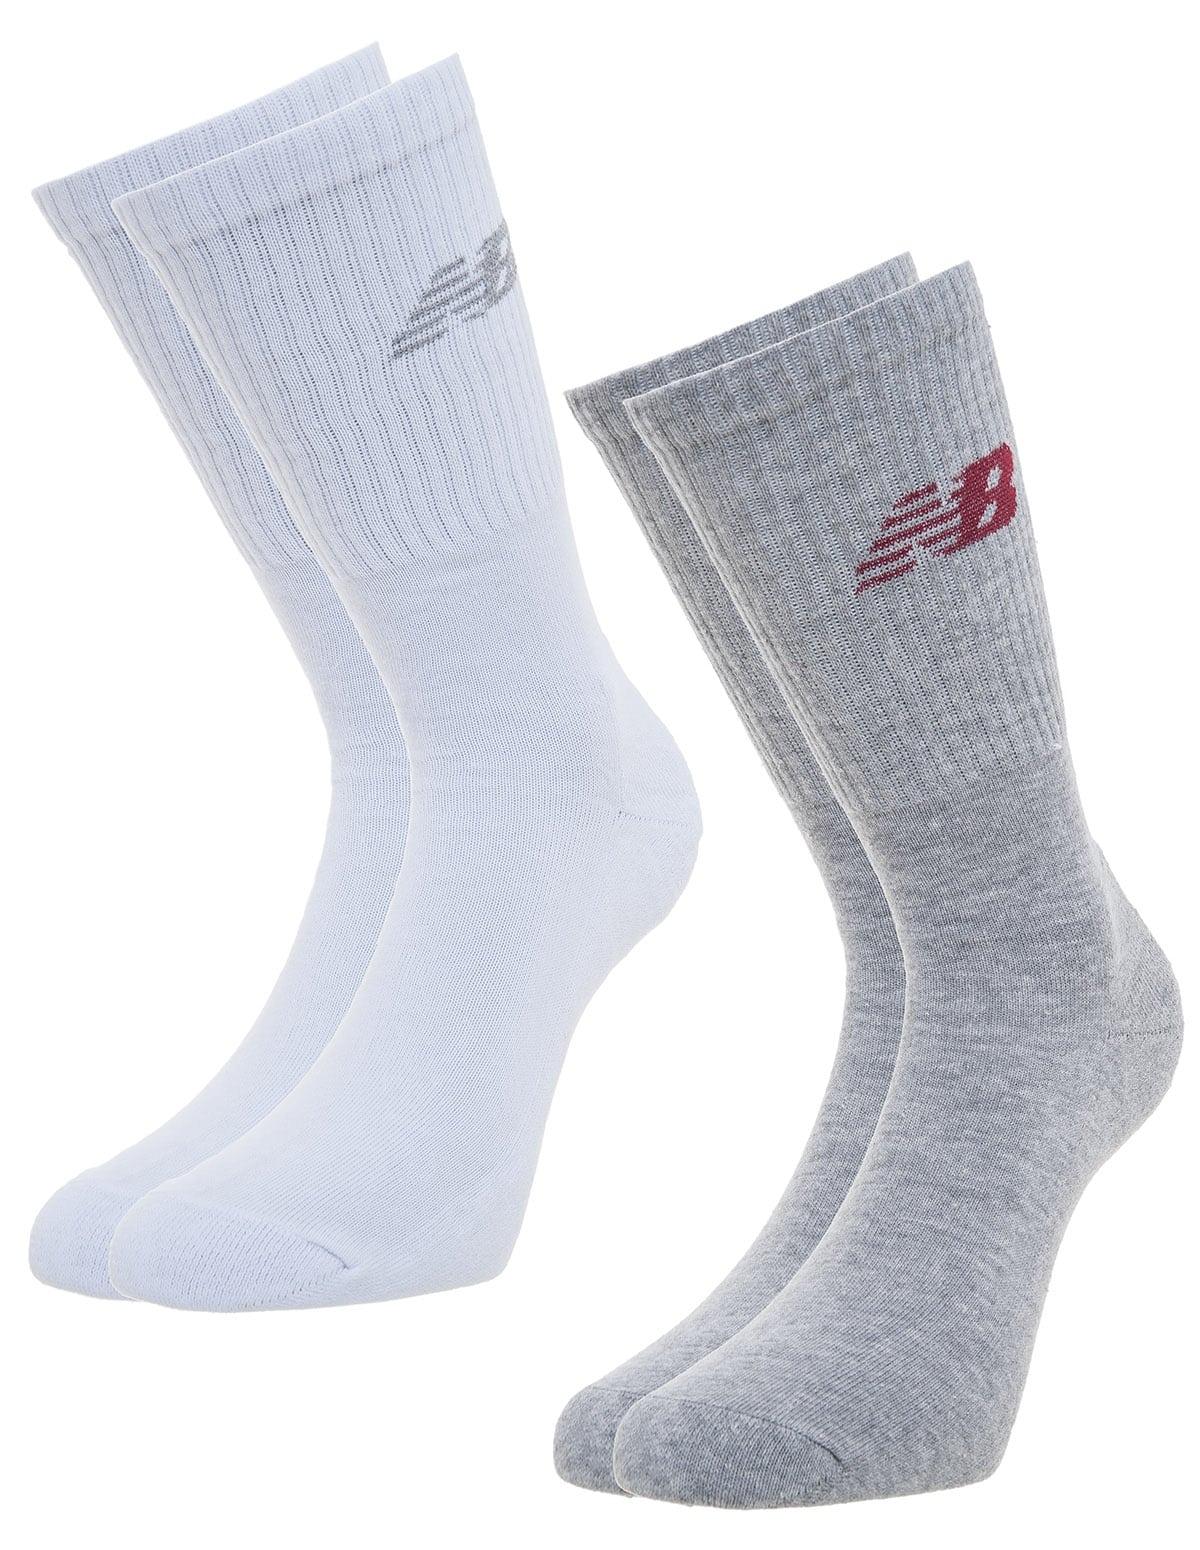 Αθλητική κάλτσα NEW BALANCE 2 pack F-211 - vactive.gr 5e0649dd276